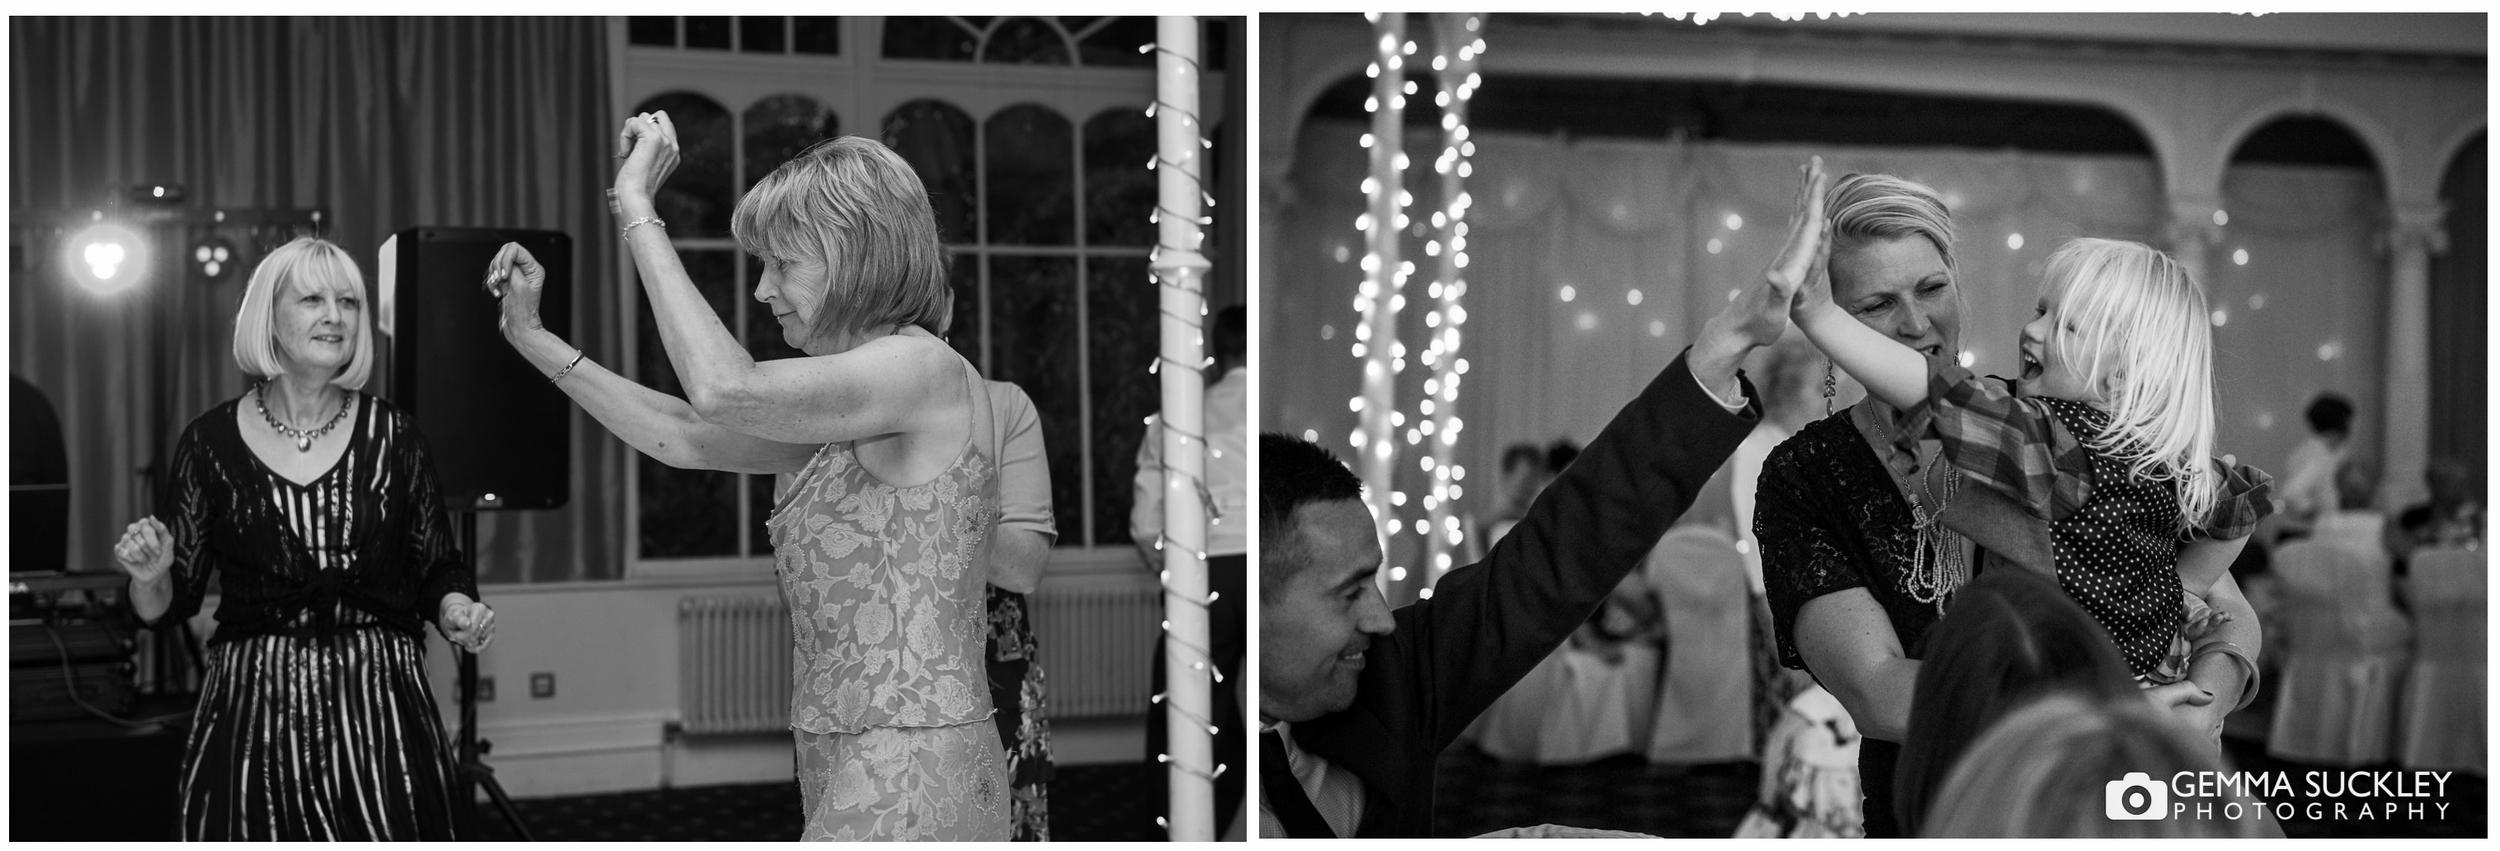 wedding-receptiom-the-old-swan.jpg